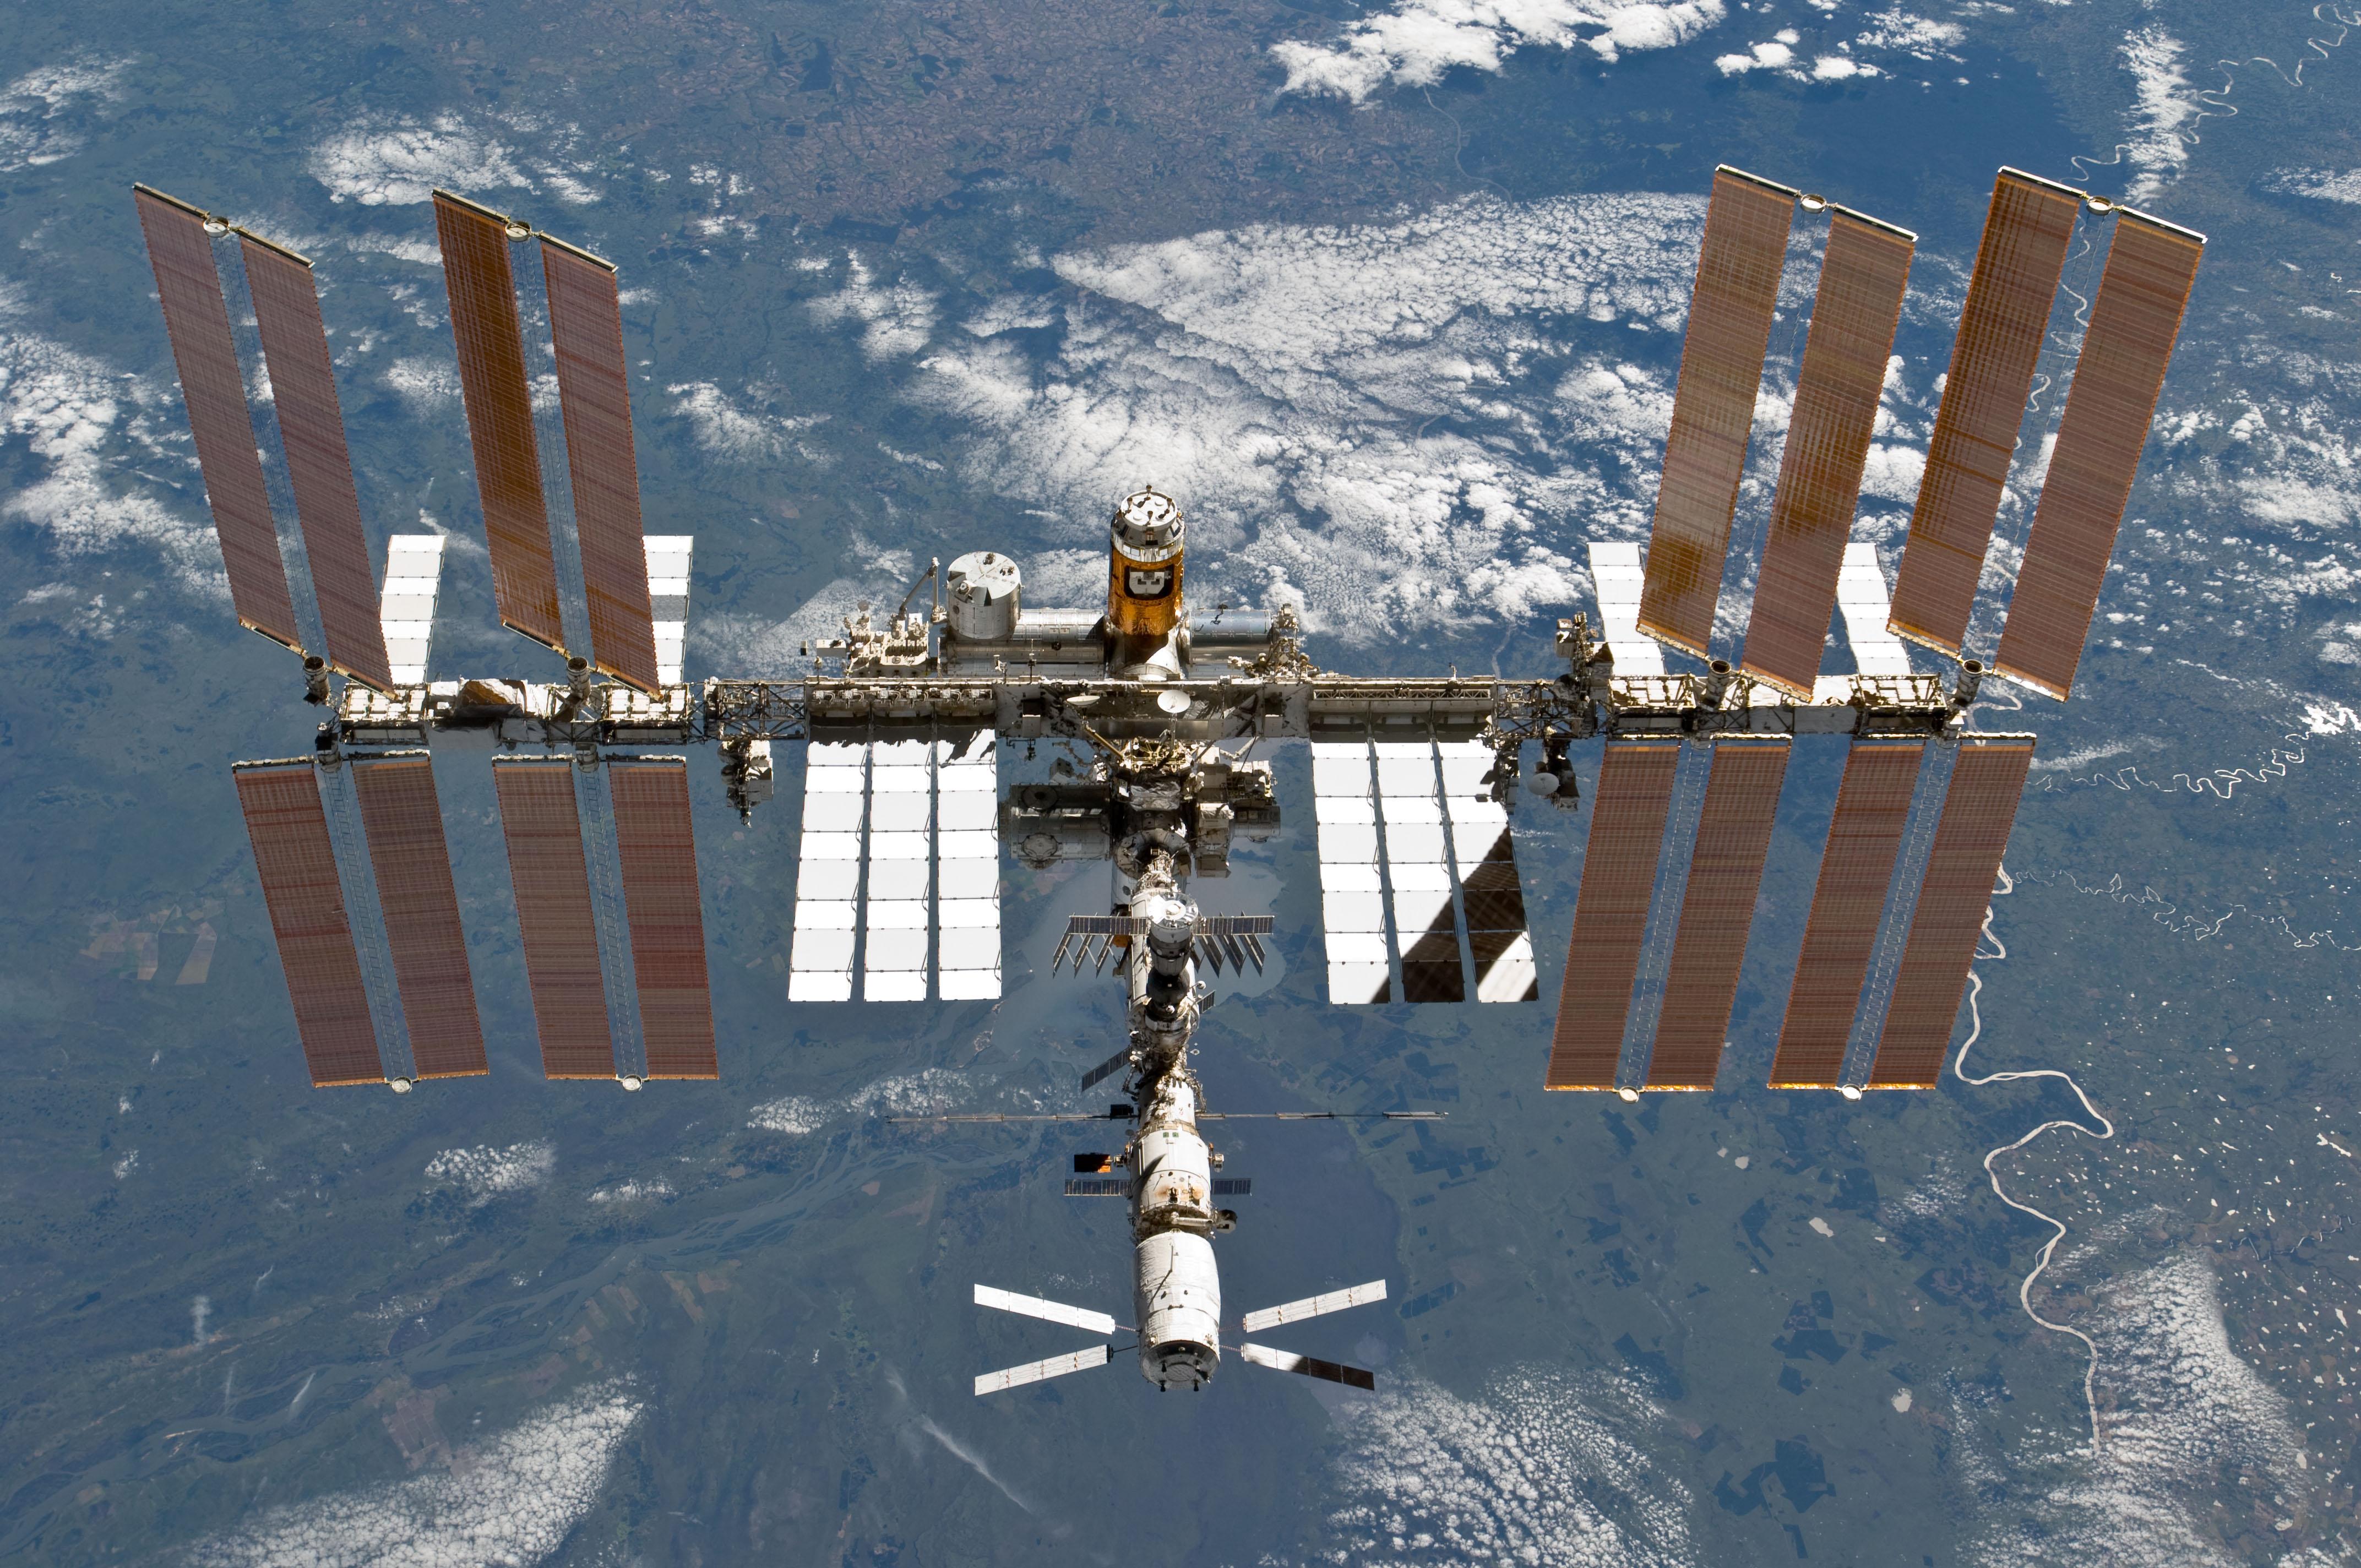 Insetti alieni attaccano la Stazione Spaziale Internazionale